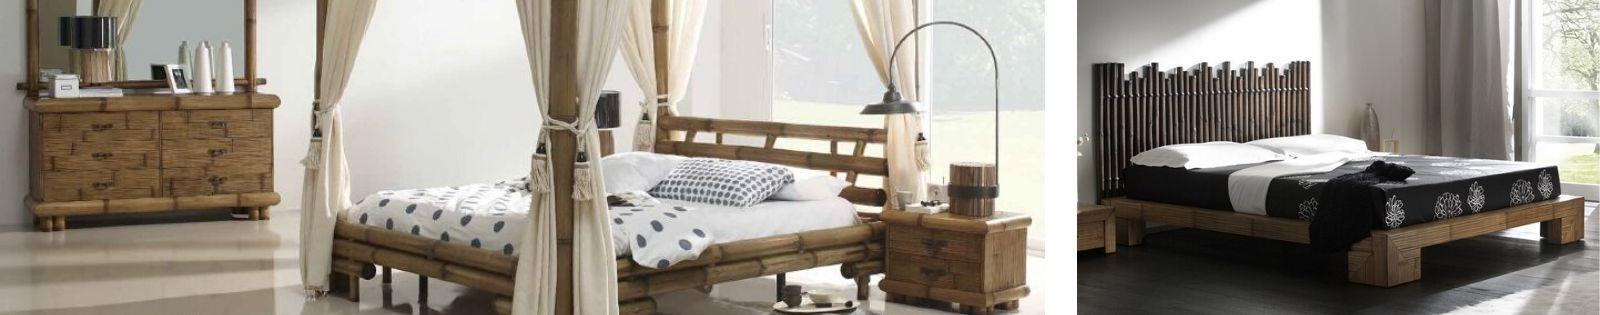 Lits en bambou : meubles haut de gamme en provenance d'Indonésie